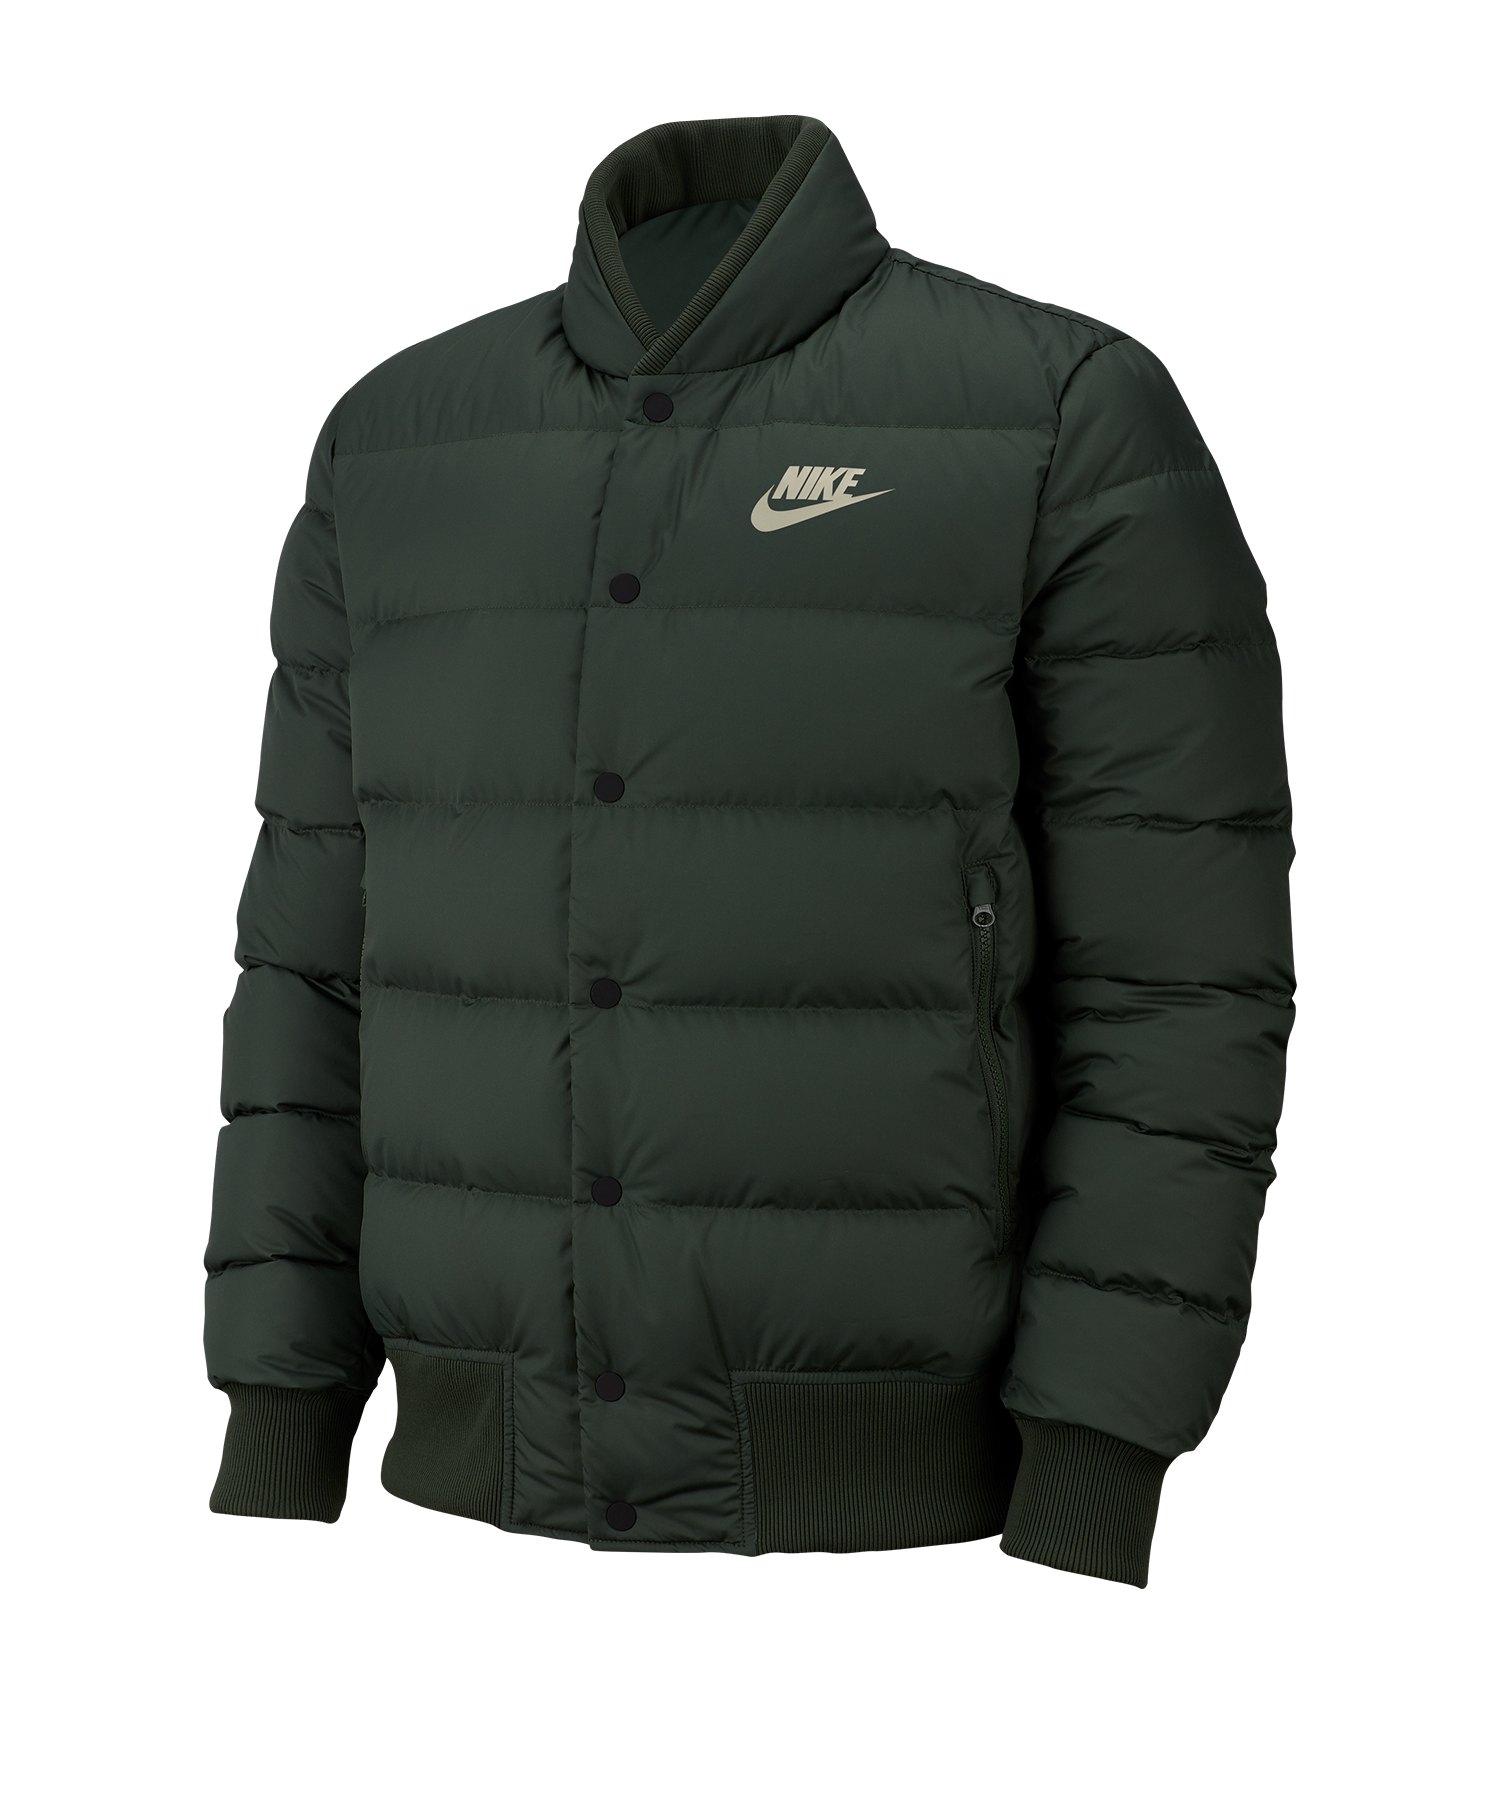 Nike Down Fill Bomberjacke Jacket F370 - gruen